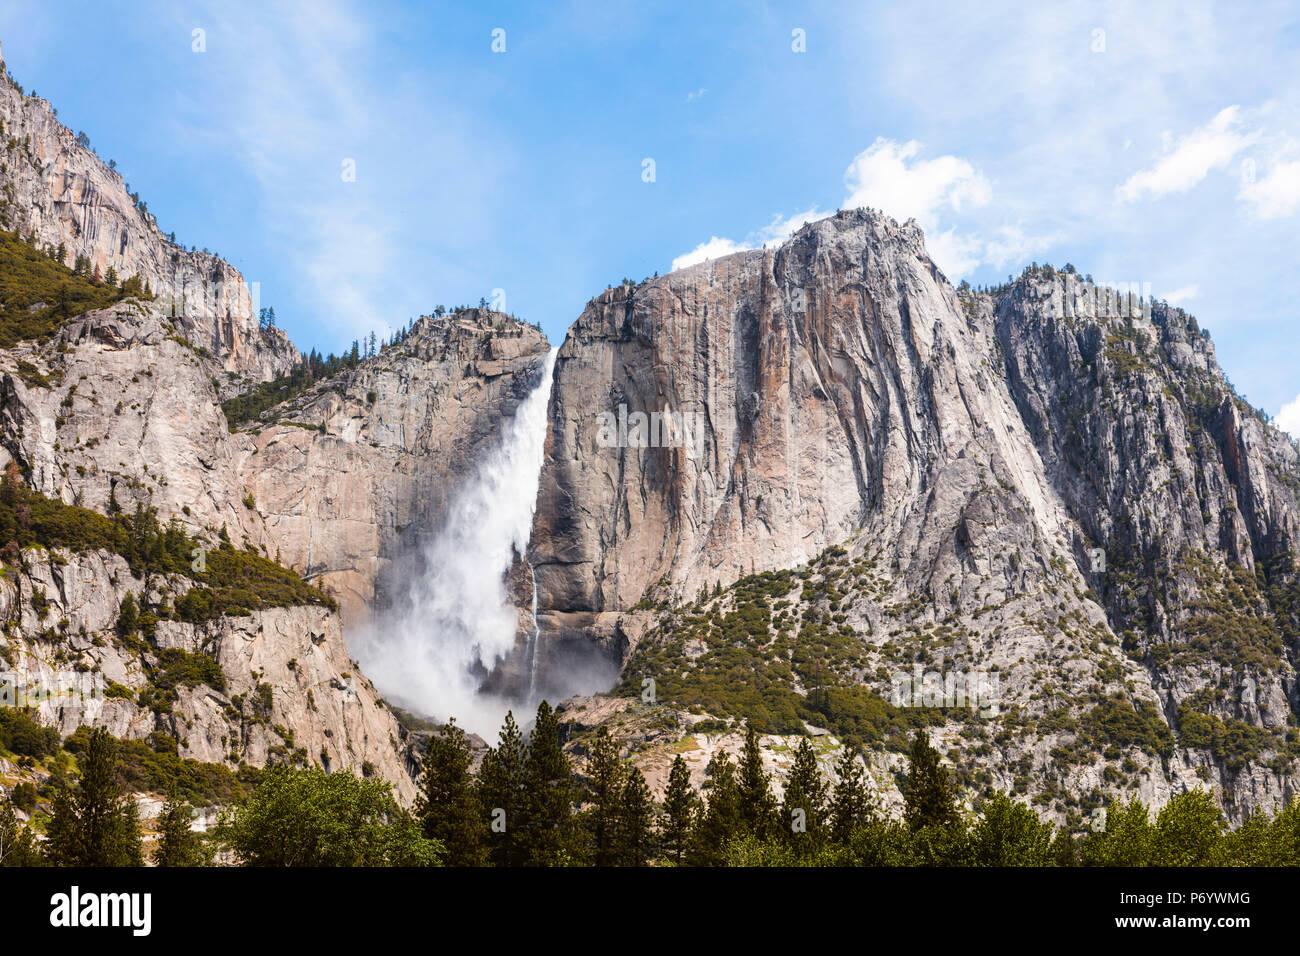 Upper Yosemite Fall, Yosemite National Park, Kalifornien, USA Stockbild